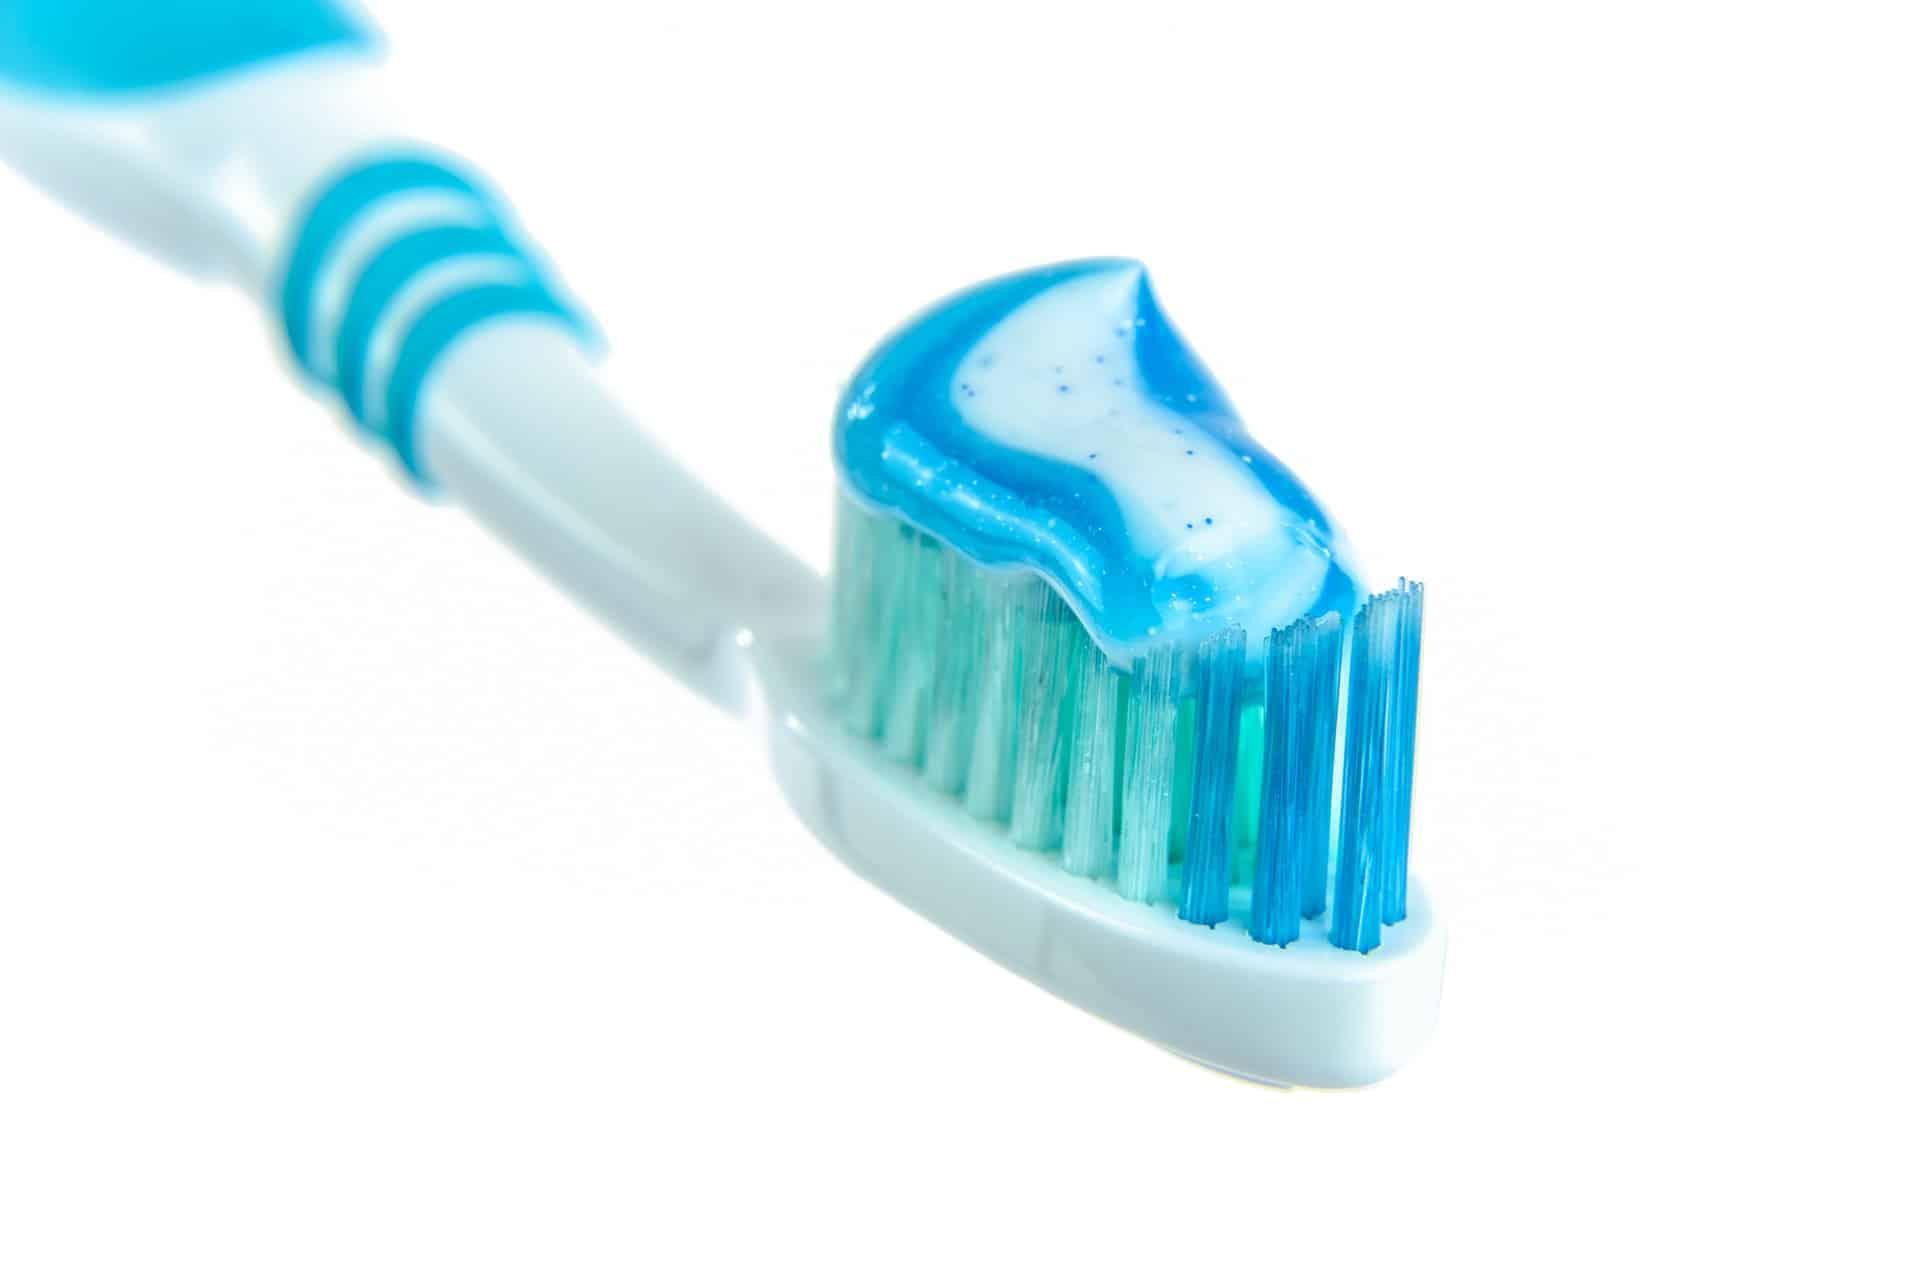 Zahnpasta: Test & Empfehlungen (05/21)